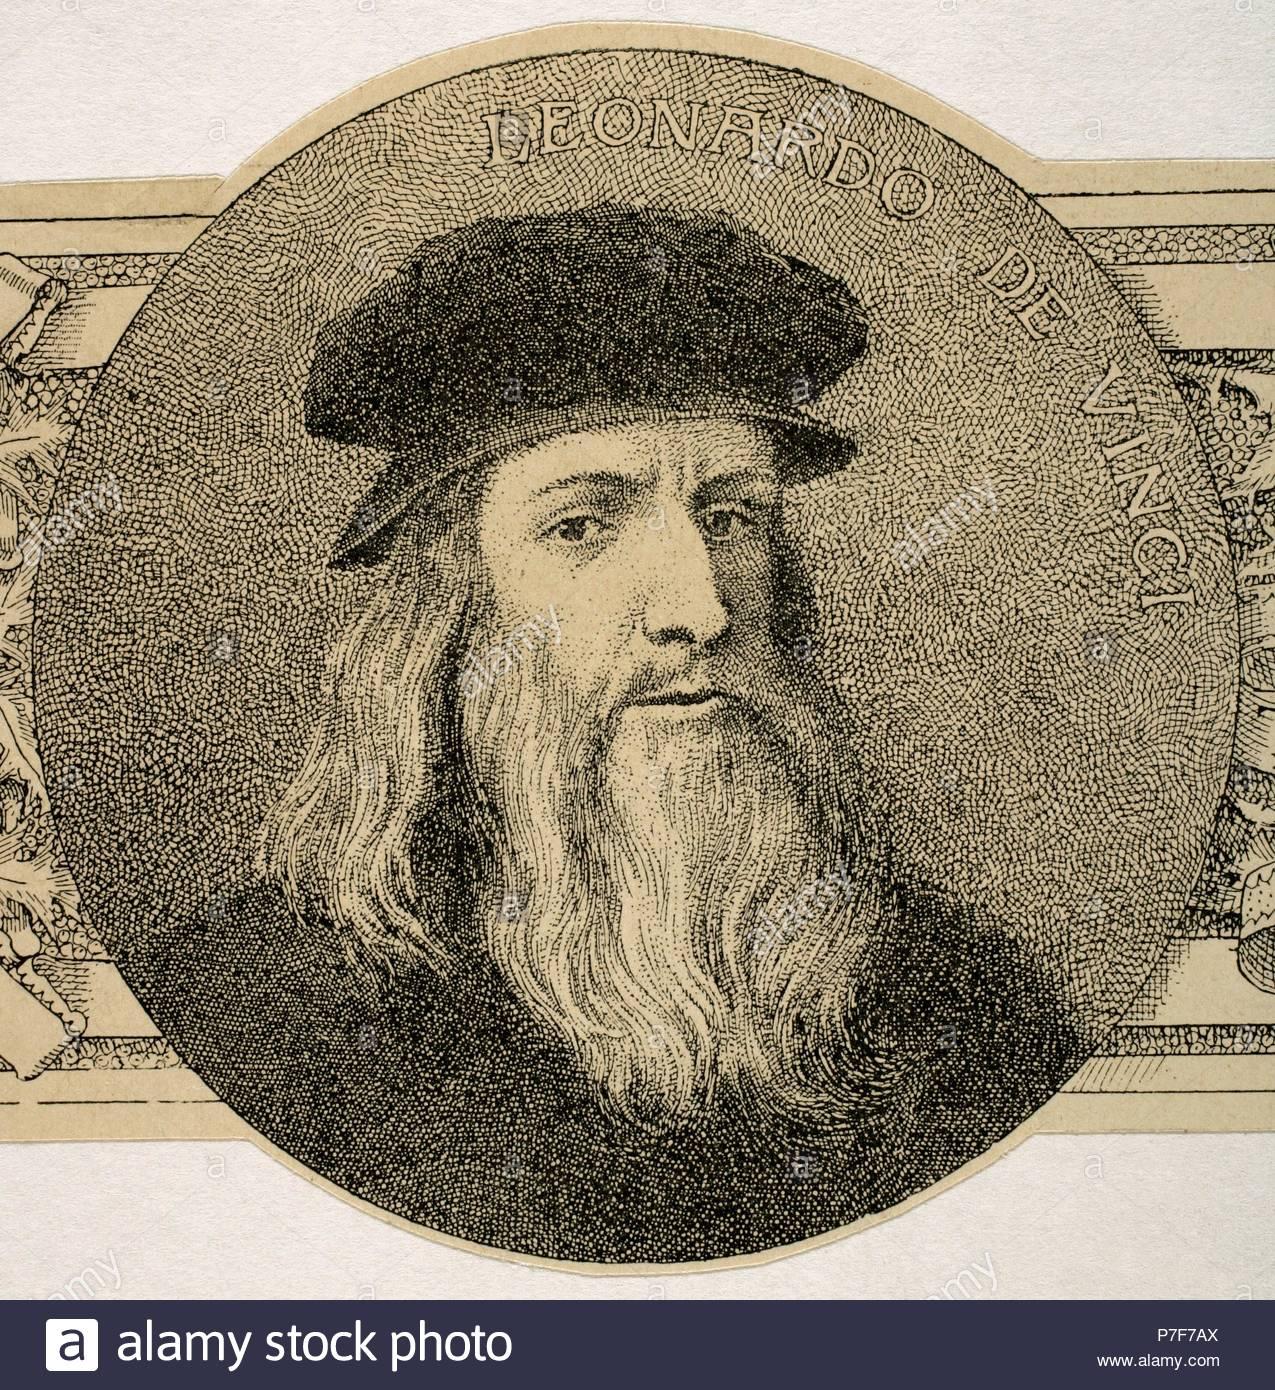 Leonardo da Vinci (1452-1519). Italienischen Universalgelehrten für ...